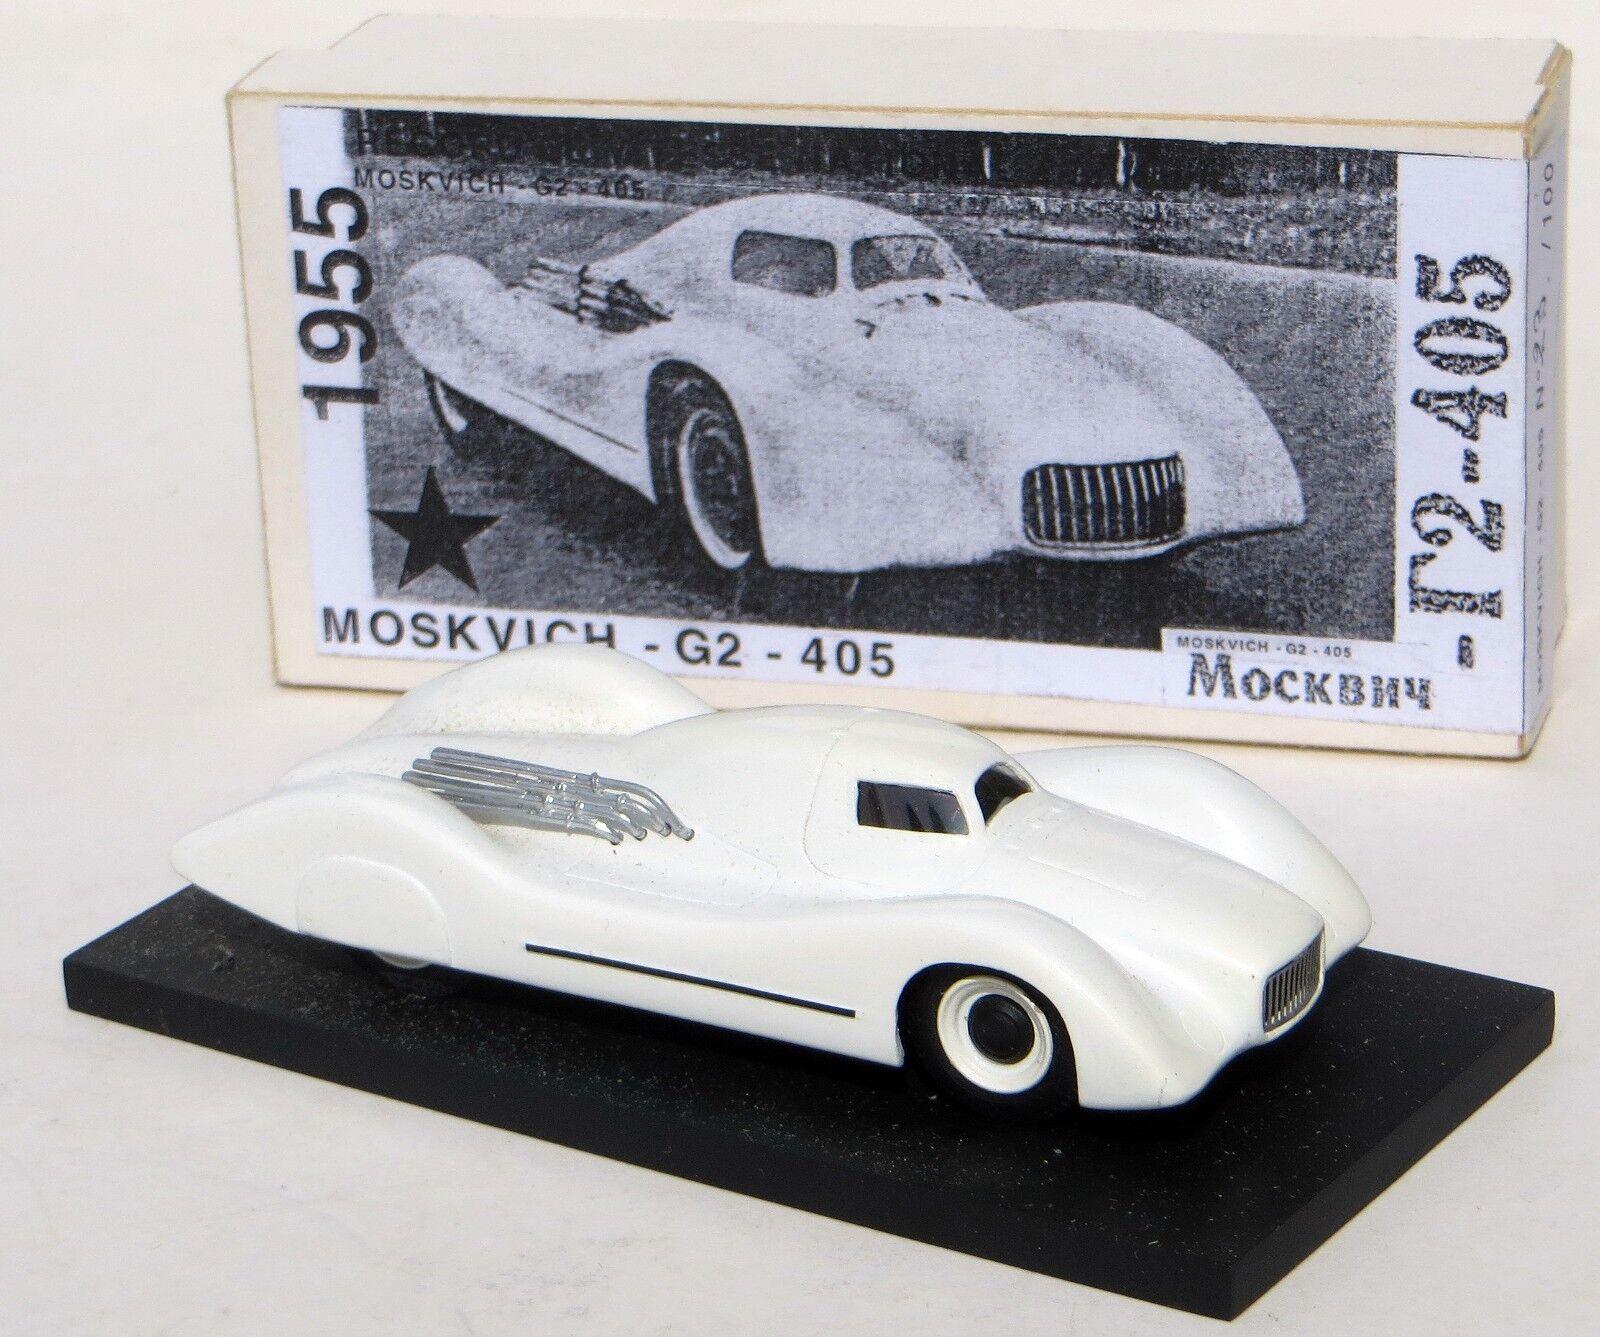 Obtén lo ultimo 1955 G2 405 velocidad velocidad velocidad de tierra Soviética Moskvich registro contendiente por Vernouillet  A la venta con descuento del 70%.